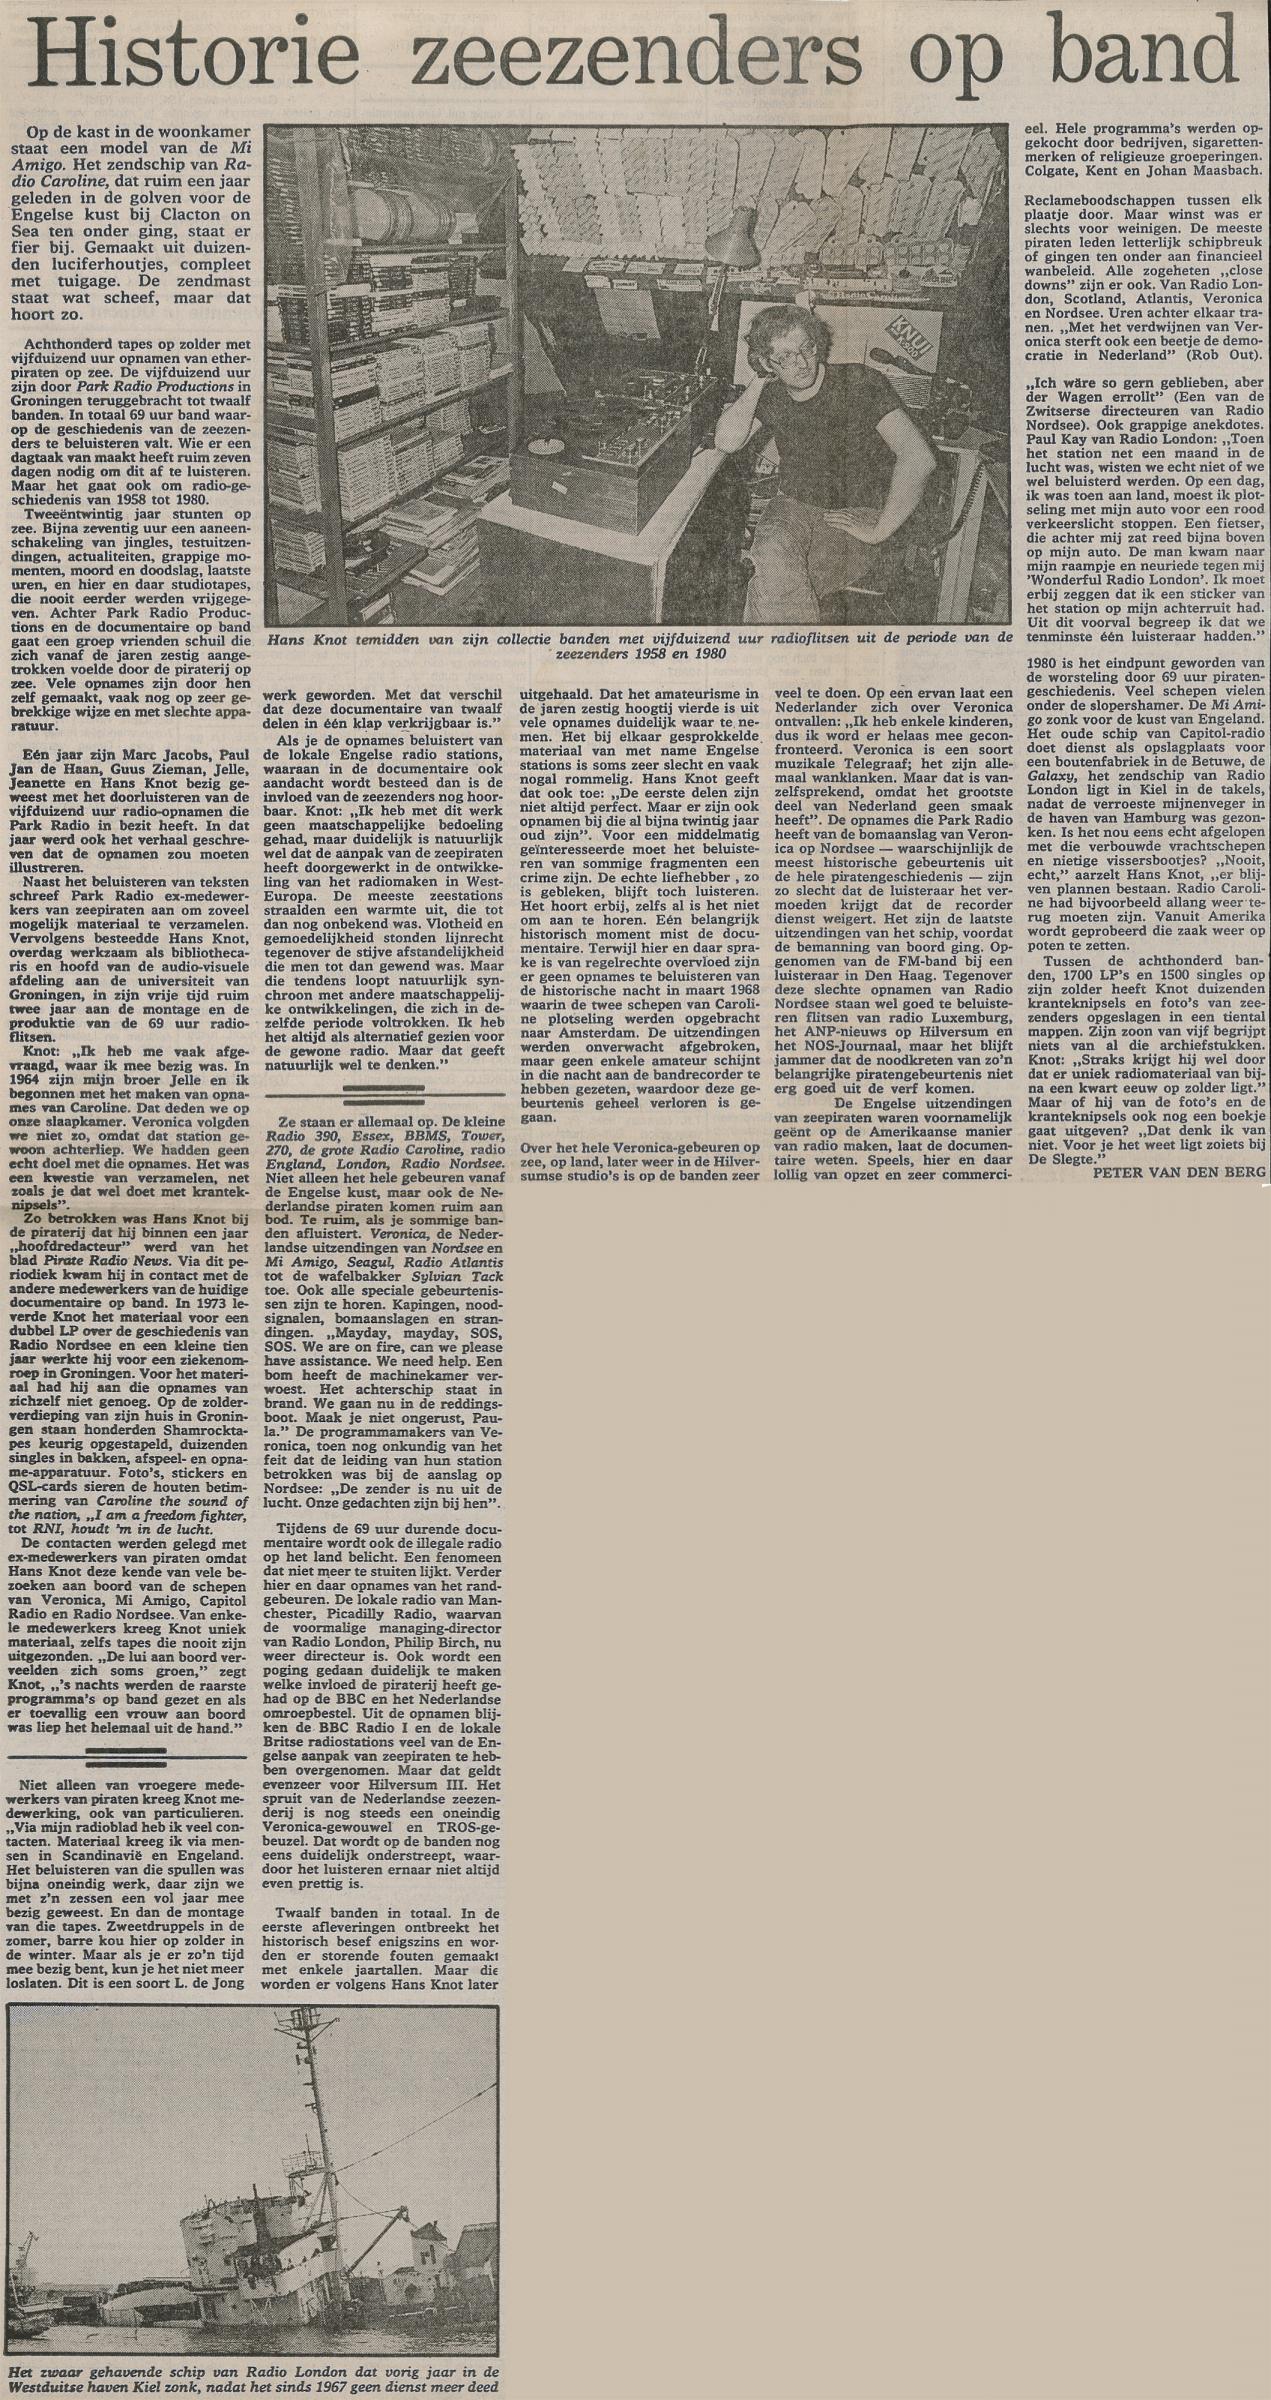 19810704 VK Historie zeezender op band Hans Knot.jpg